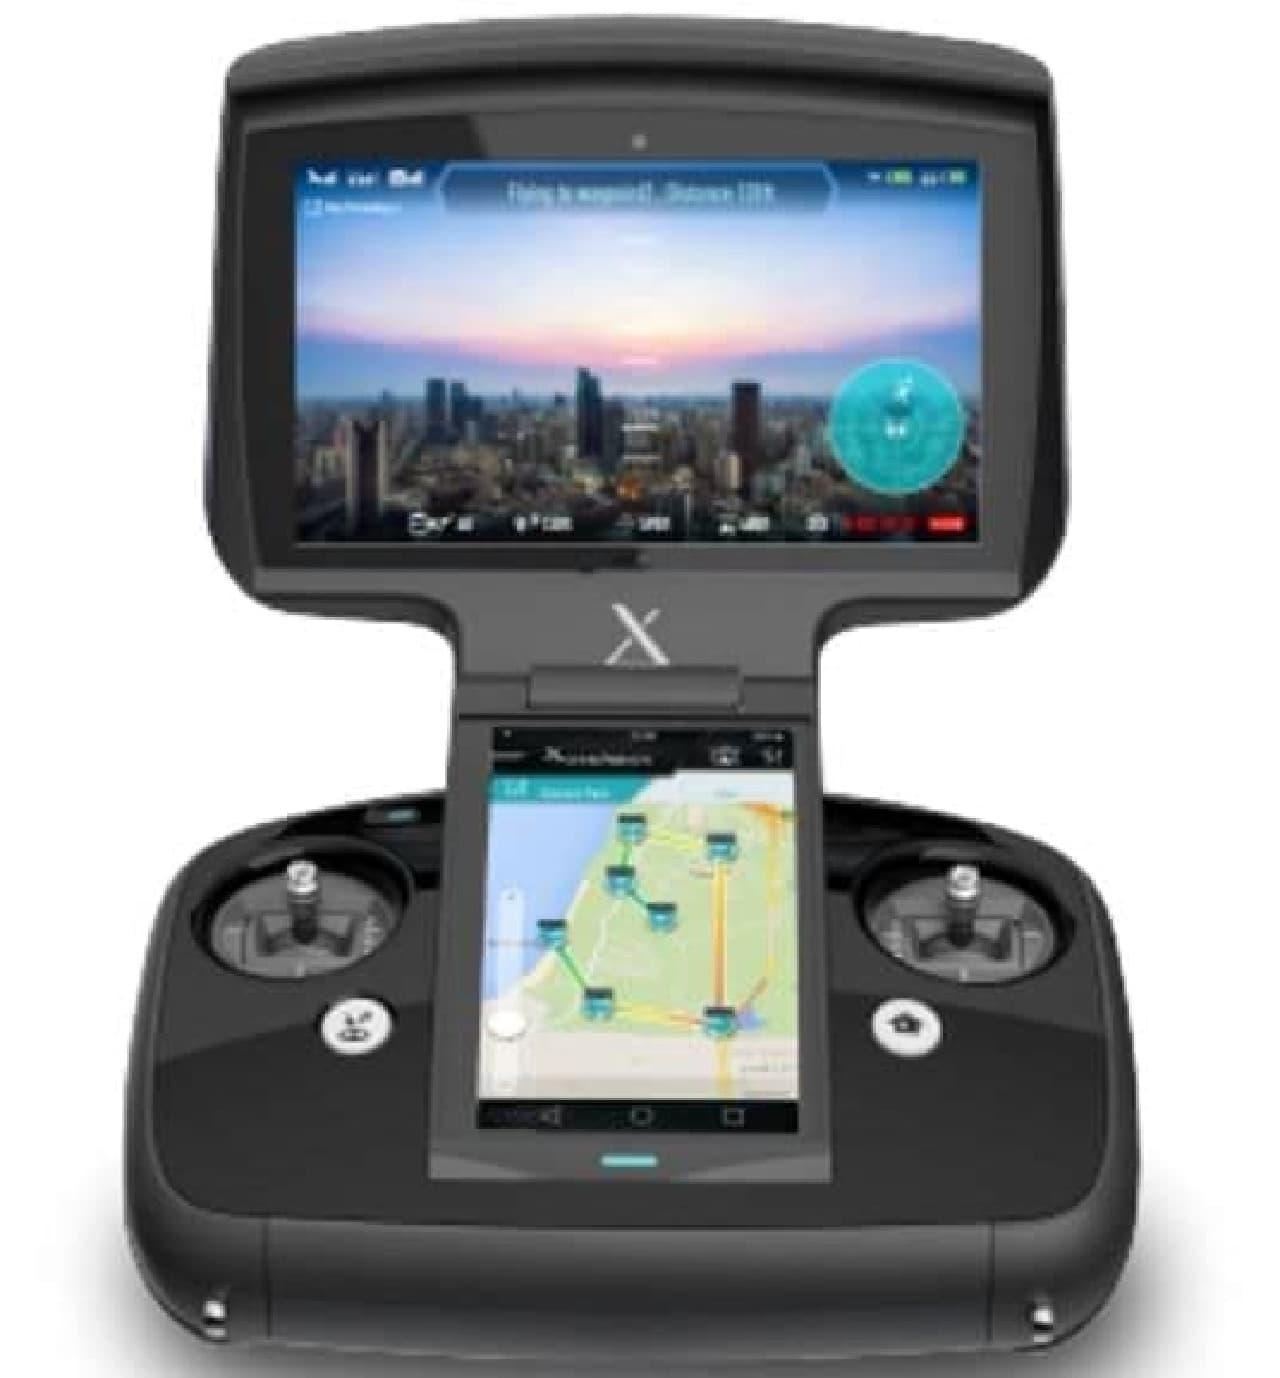 ニンテンドーDSのように2画面を持つ、XDynamicsの新型ドローン「Evolve」